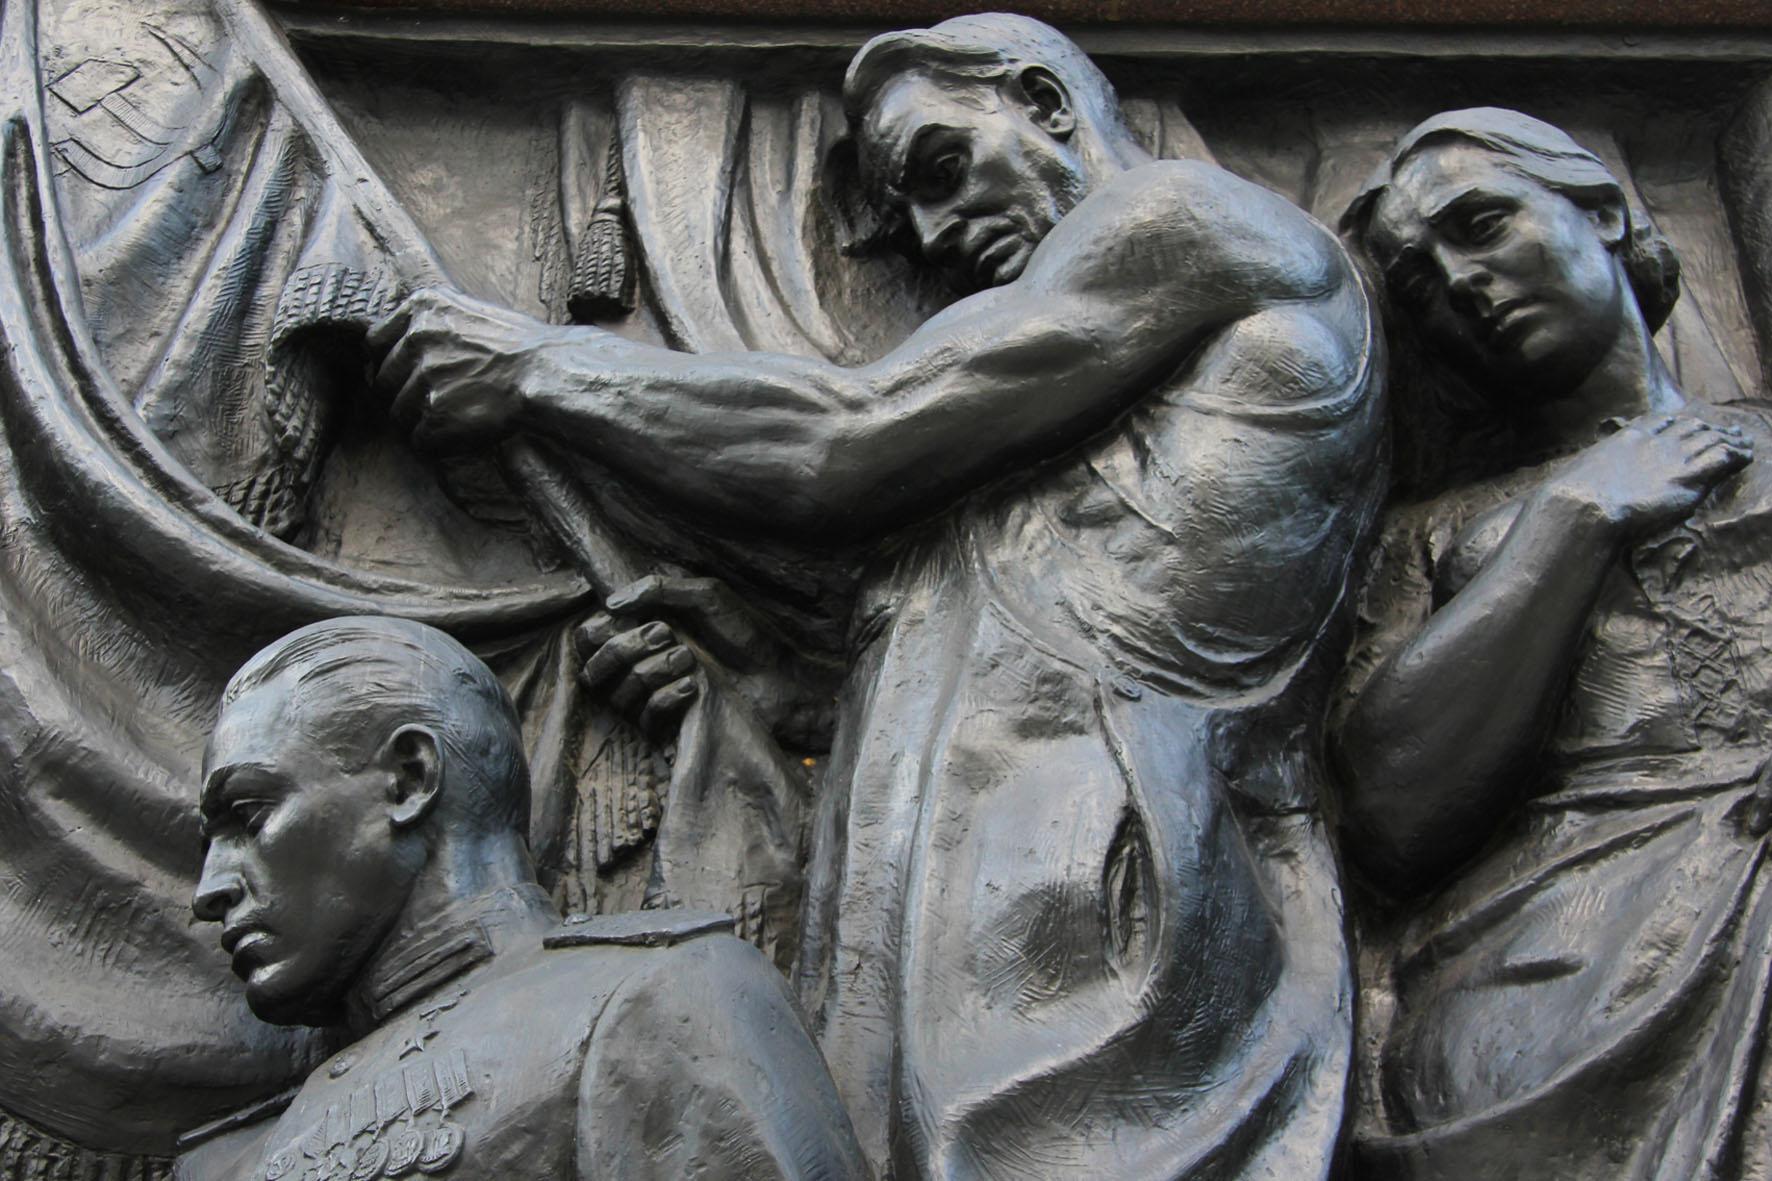 Ein Bronze Relief von Soldaten und trauernden Eltern an dem Sowjetischen Ehrenmal Schönholzer Heide in Berlin